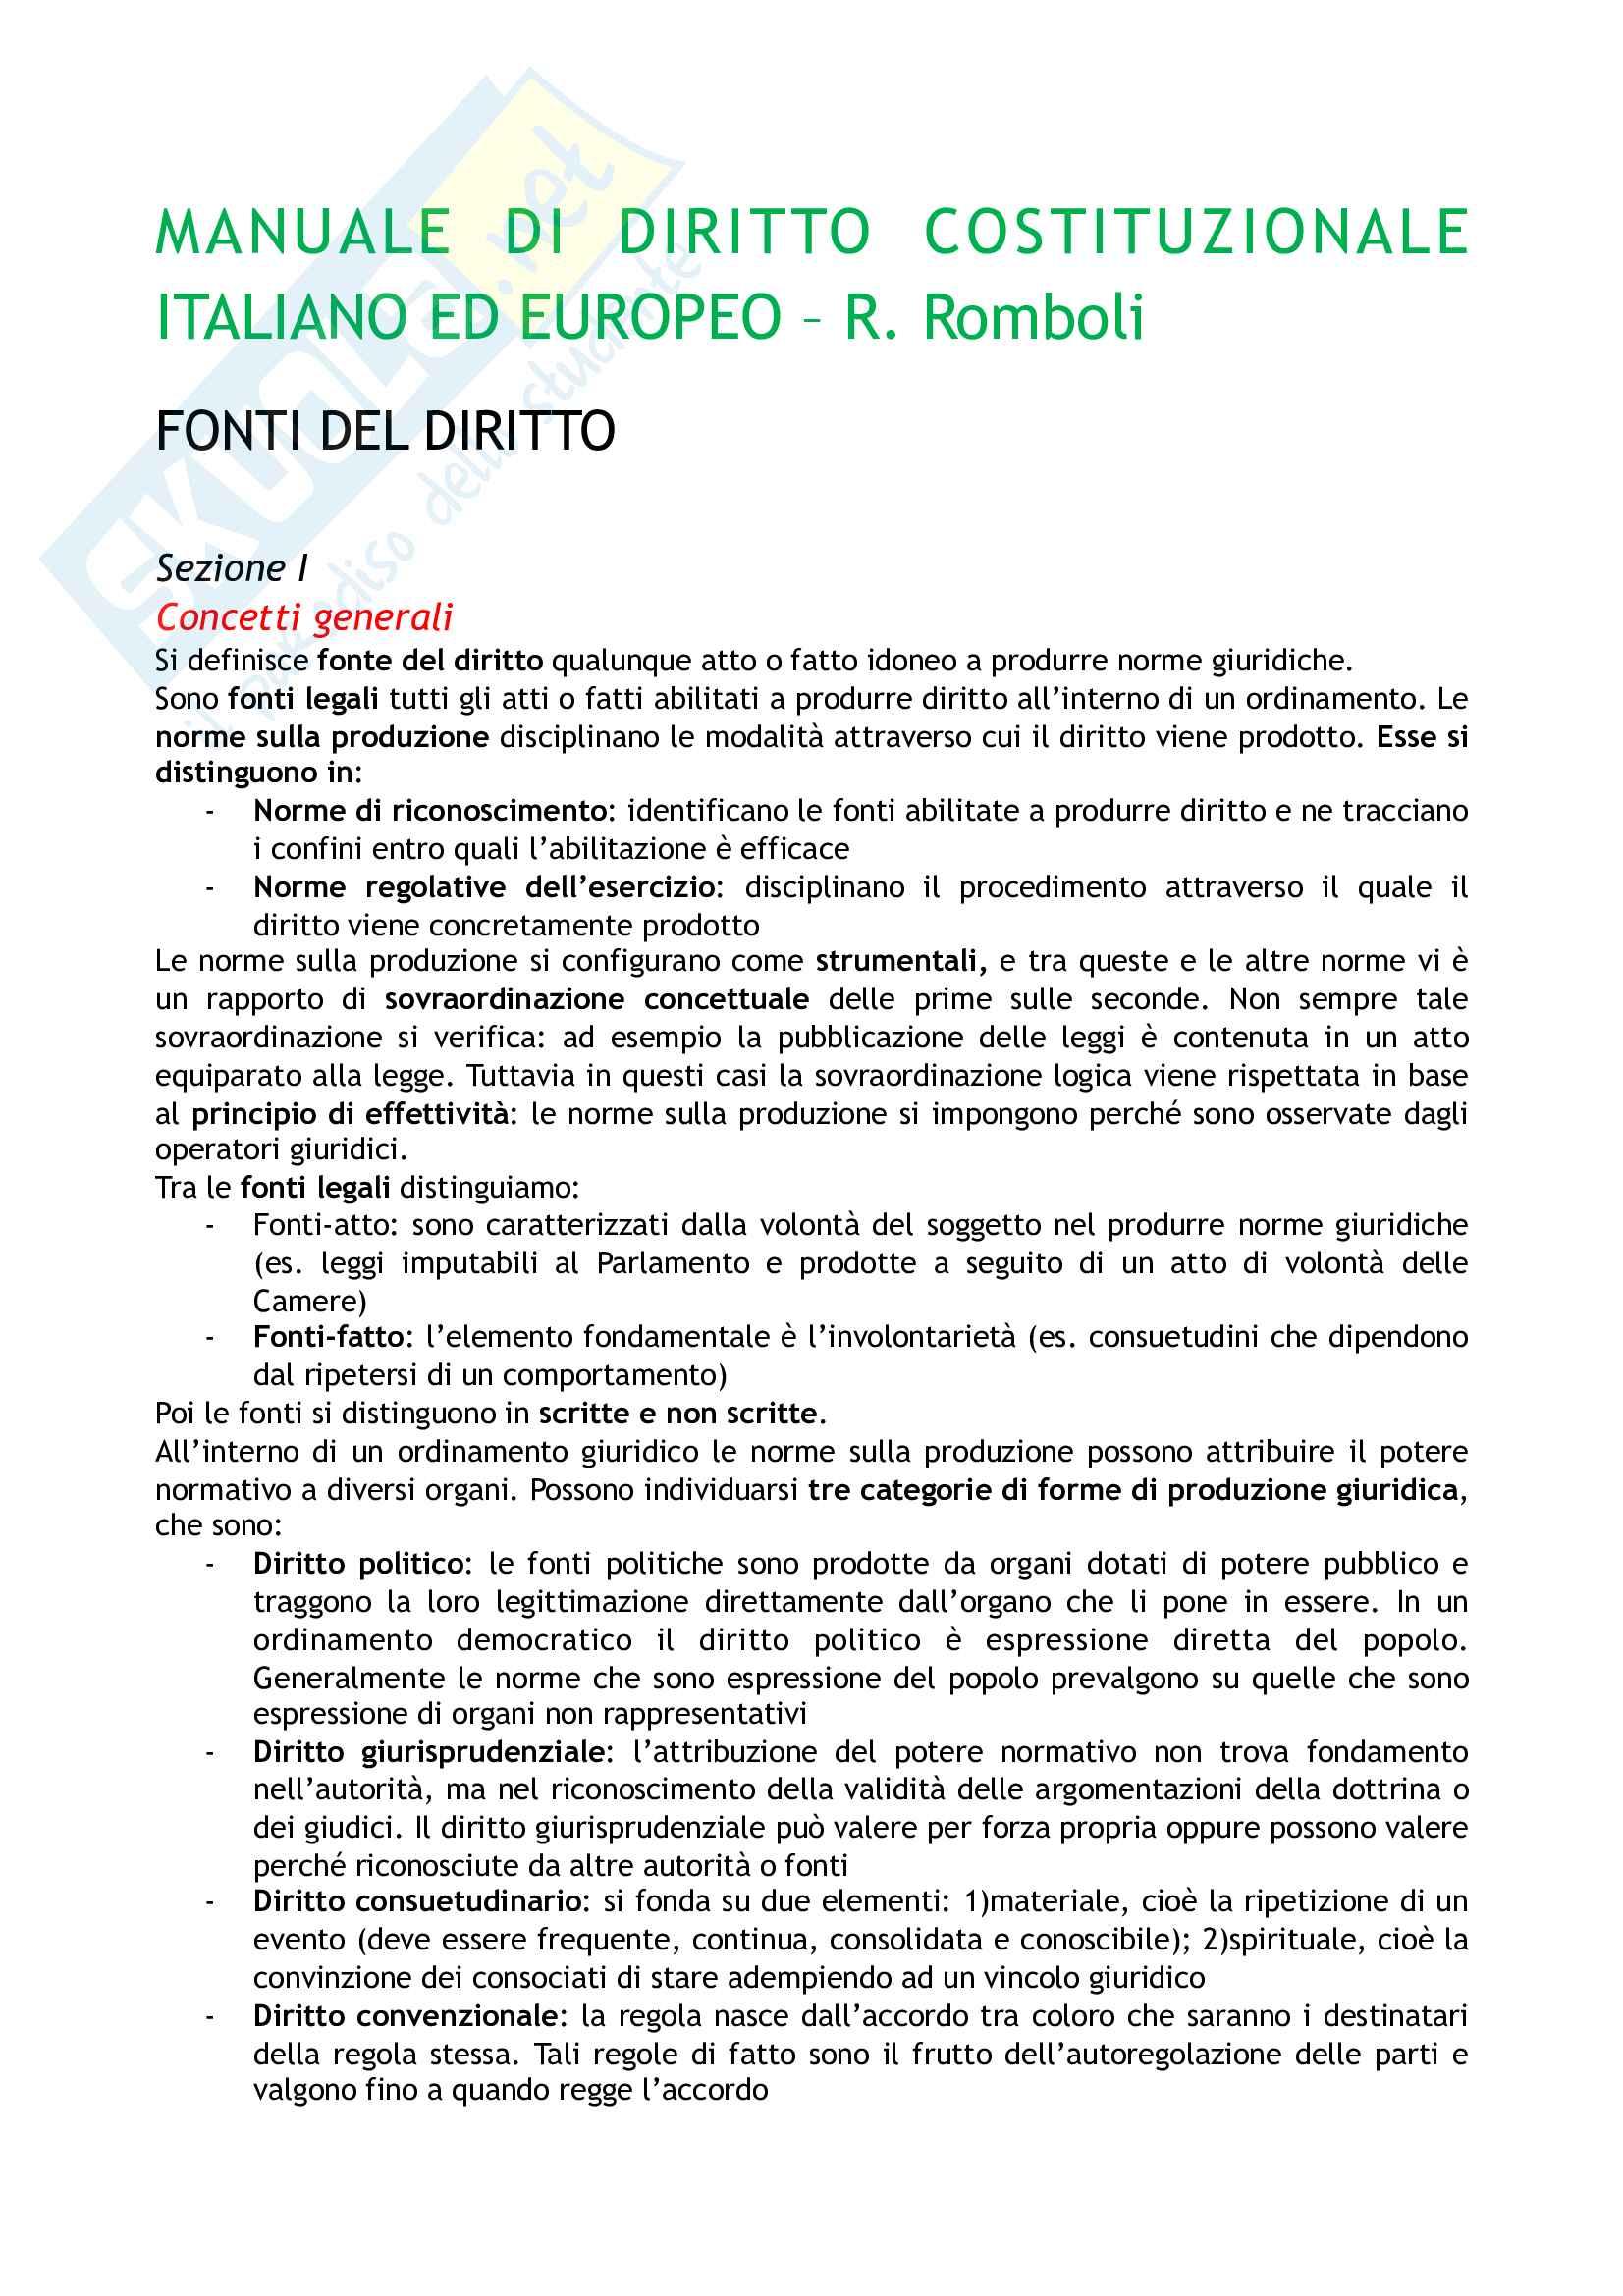 Riassunto esame Diritto costituzionale, prof. Tartaglia Polcini, libro consigliato Manuale di diritto costituzionale italiano ed europeo, Romboli